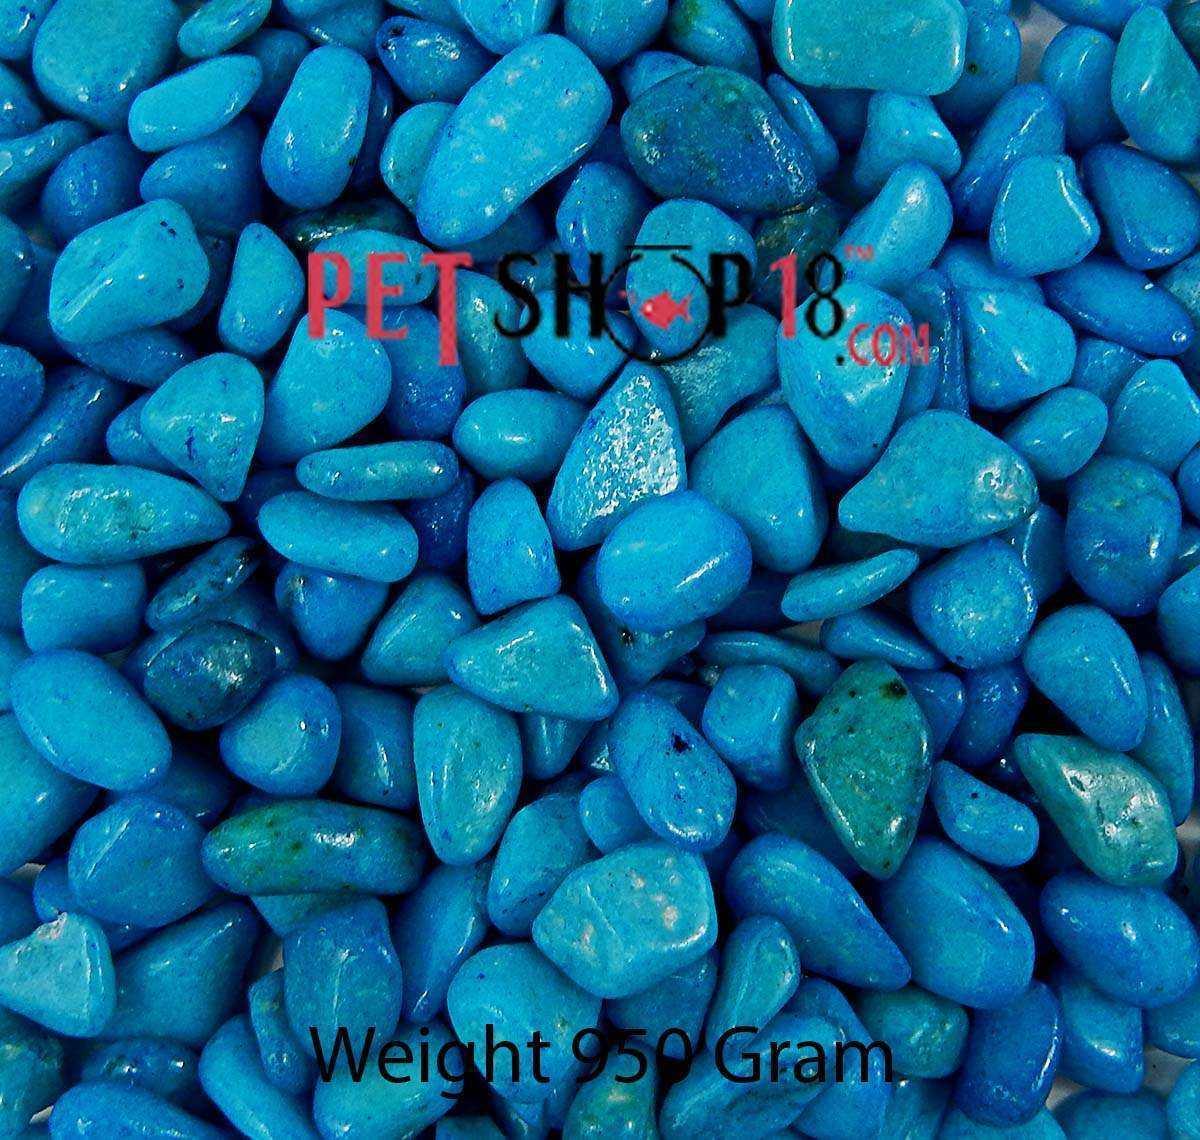 Fish aquarium in karnal - Sky Blue Aquarium Gravel Medium